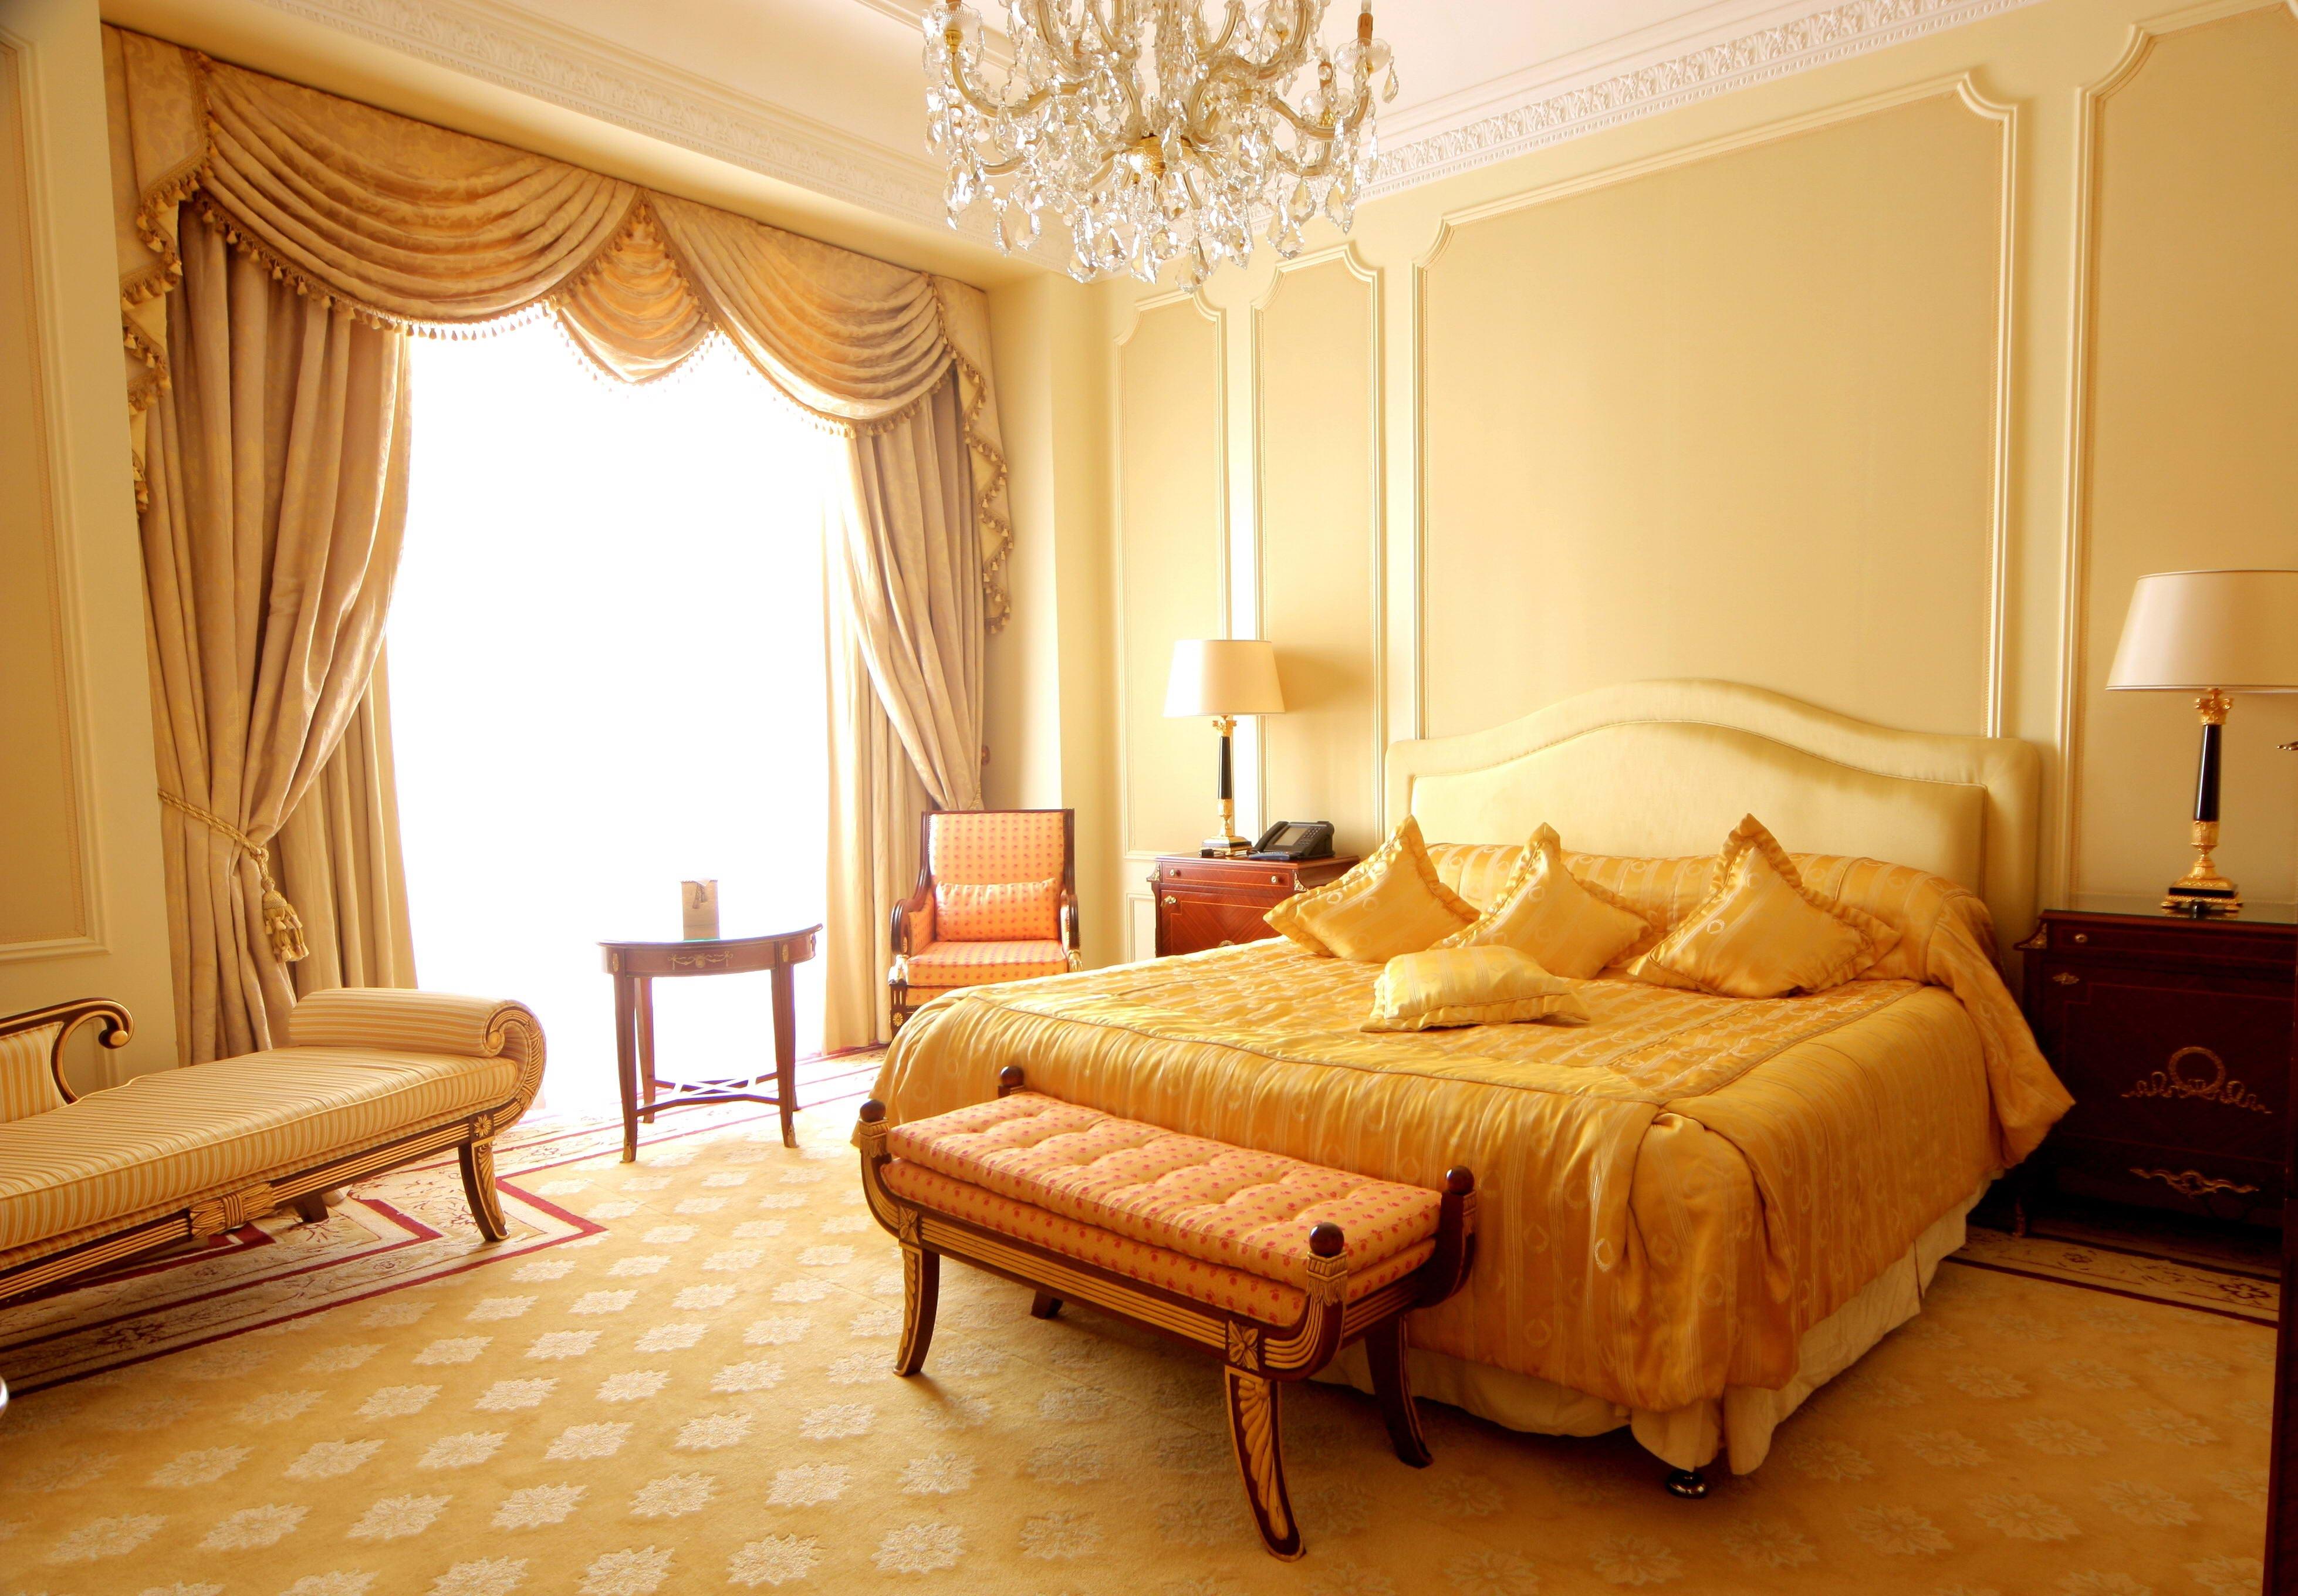 Водяной матрас в классическом интерьере спальни